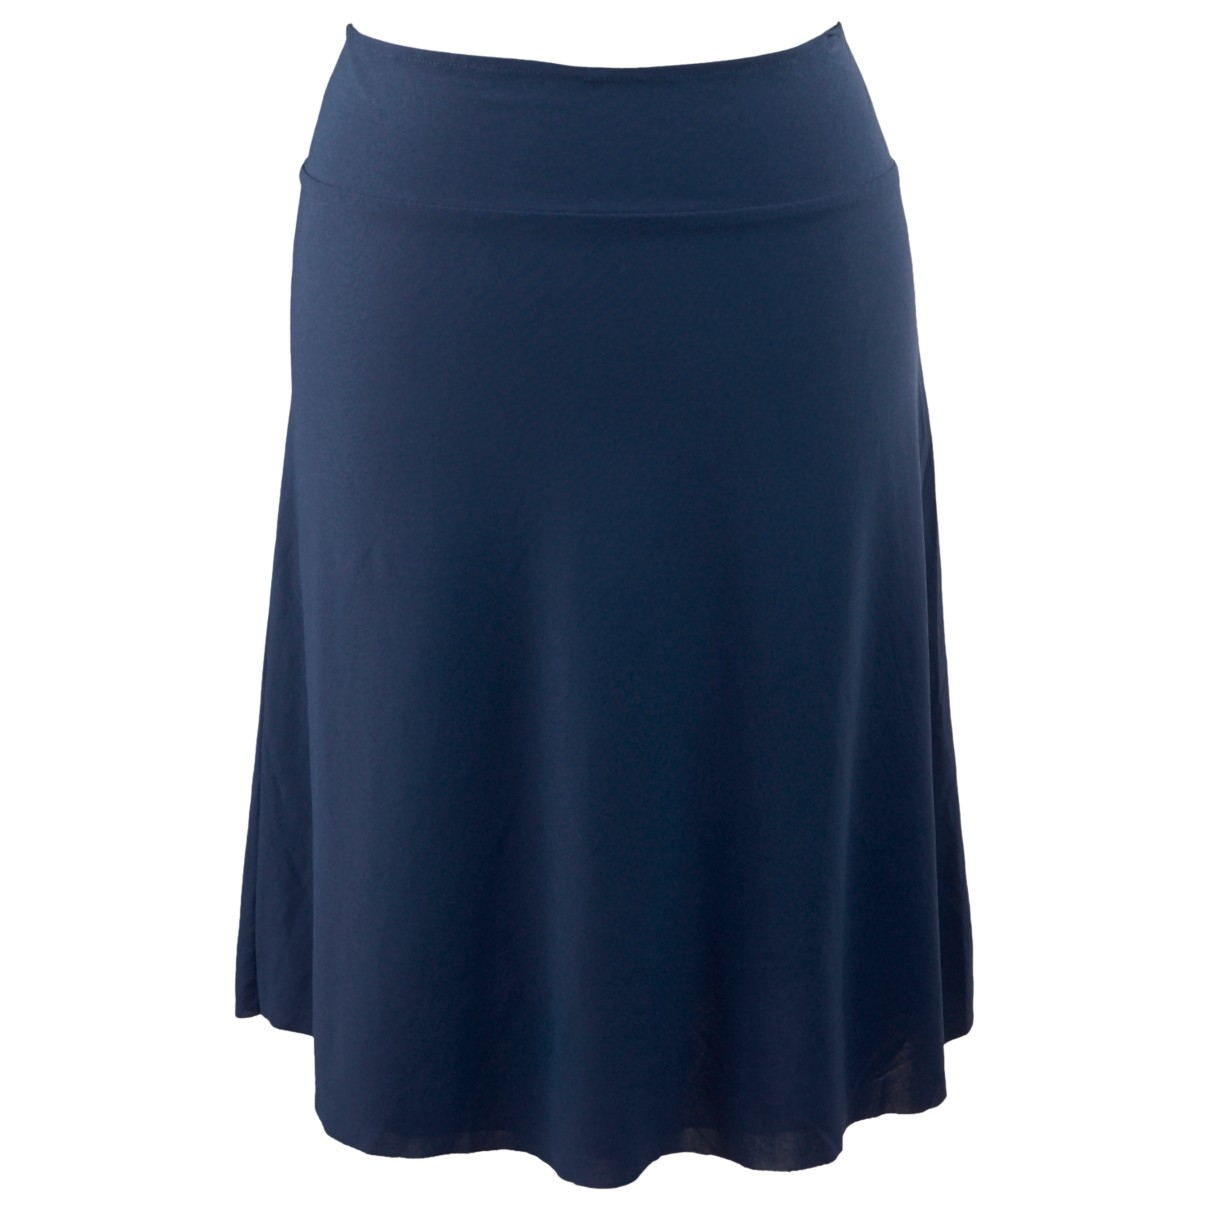 Rue Blanche \N Blue skirt for Women 42 FR